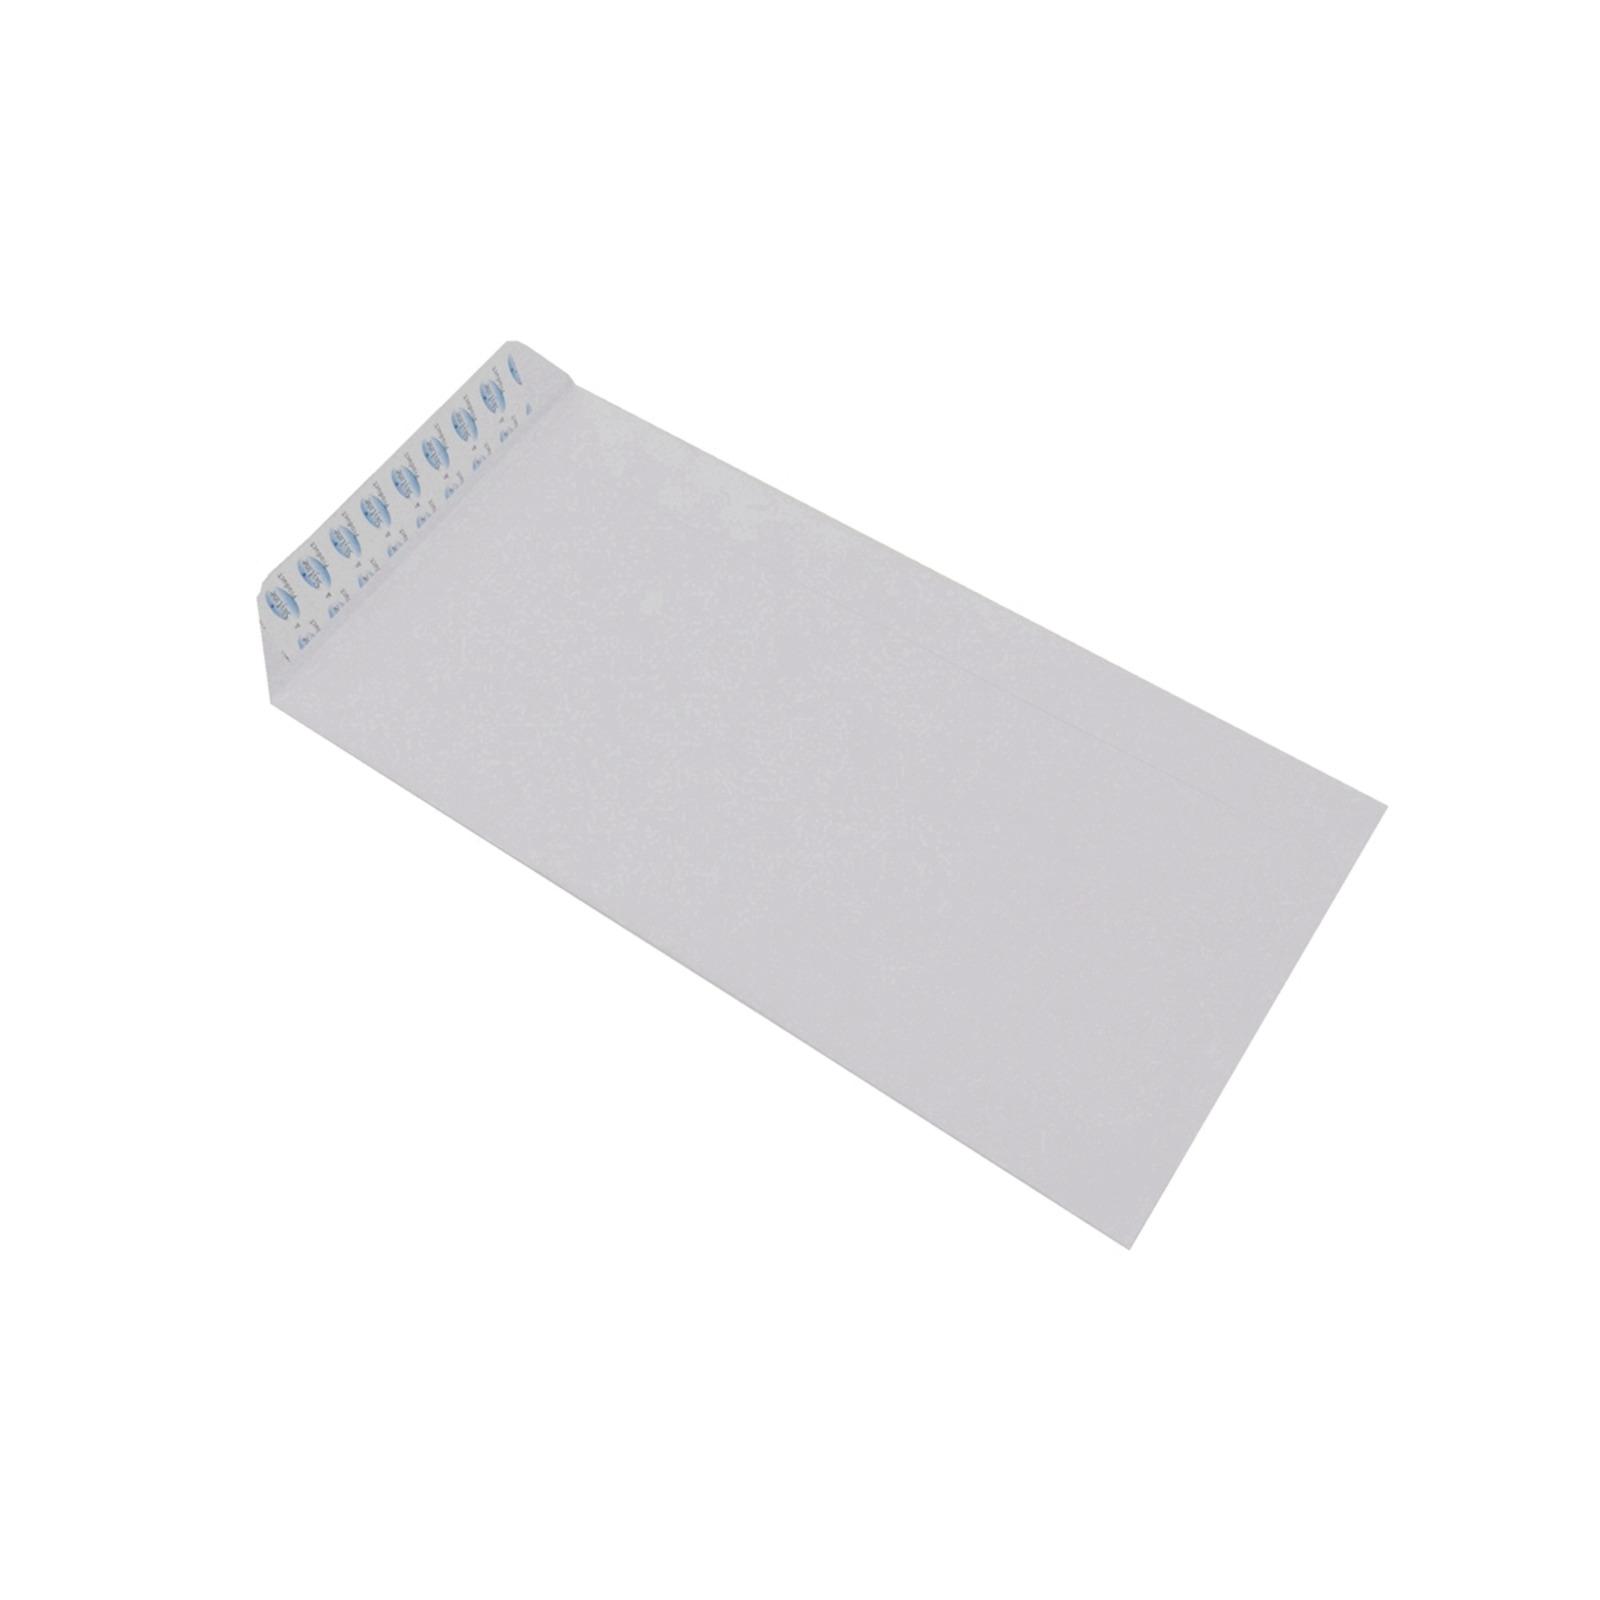 VIP DL Size White Envelope